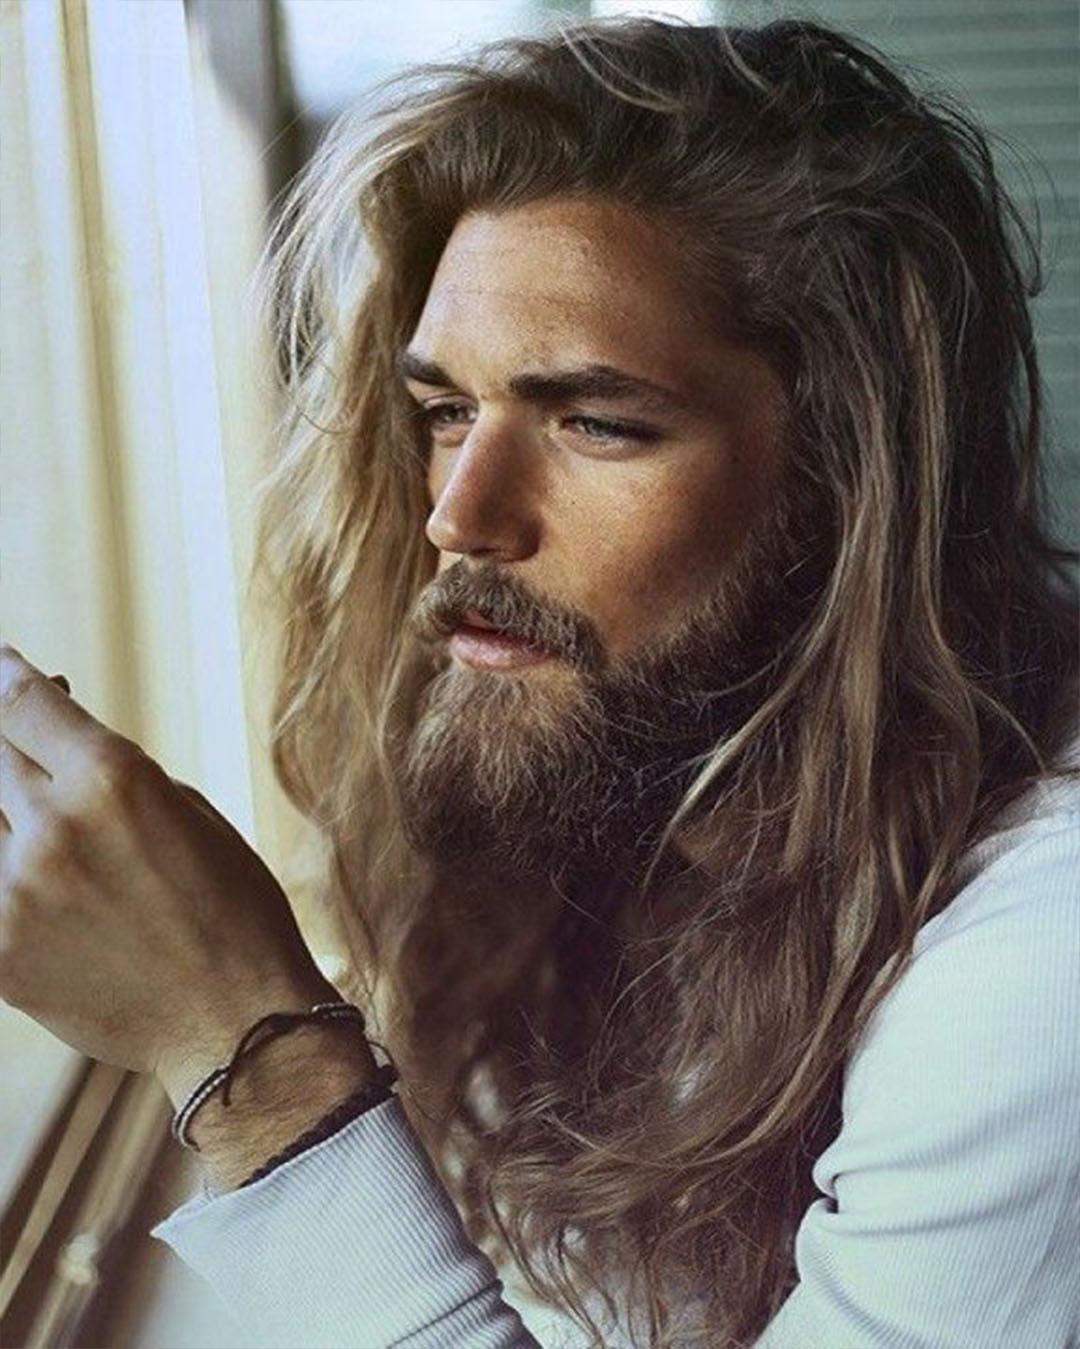 Diversión y halagos pelo largo hombre peinados Imagen de cortes de pelo tutoriales - Peinados para cabello LARGO hombres que no CONOCÍAS - ElSexoso